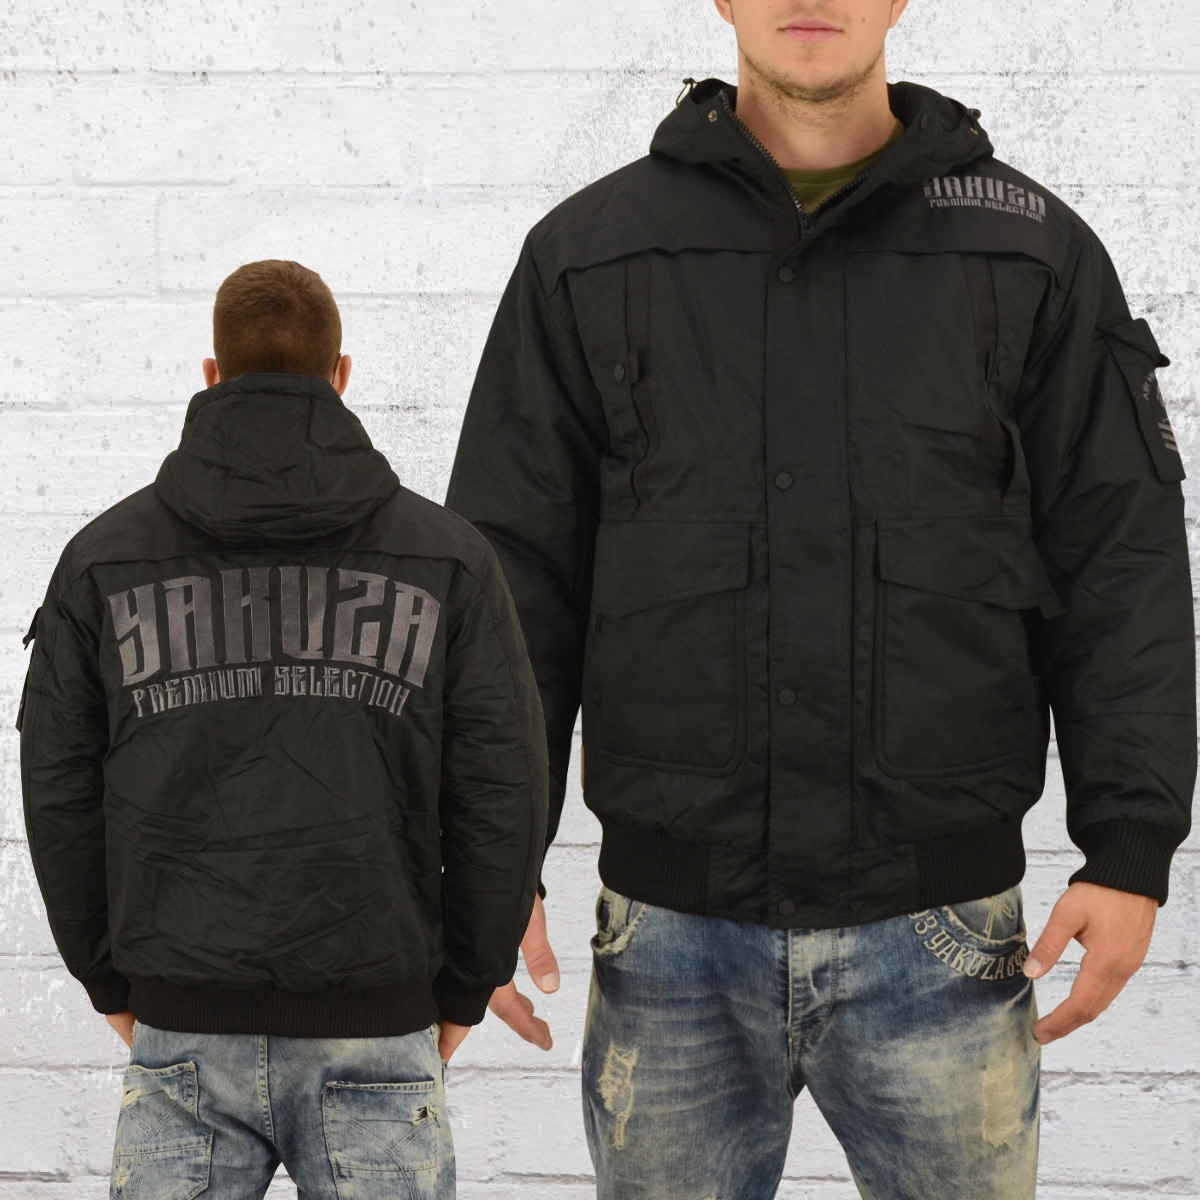 Yakuza Premium Winterjacke Herren 2360 schwarz